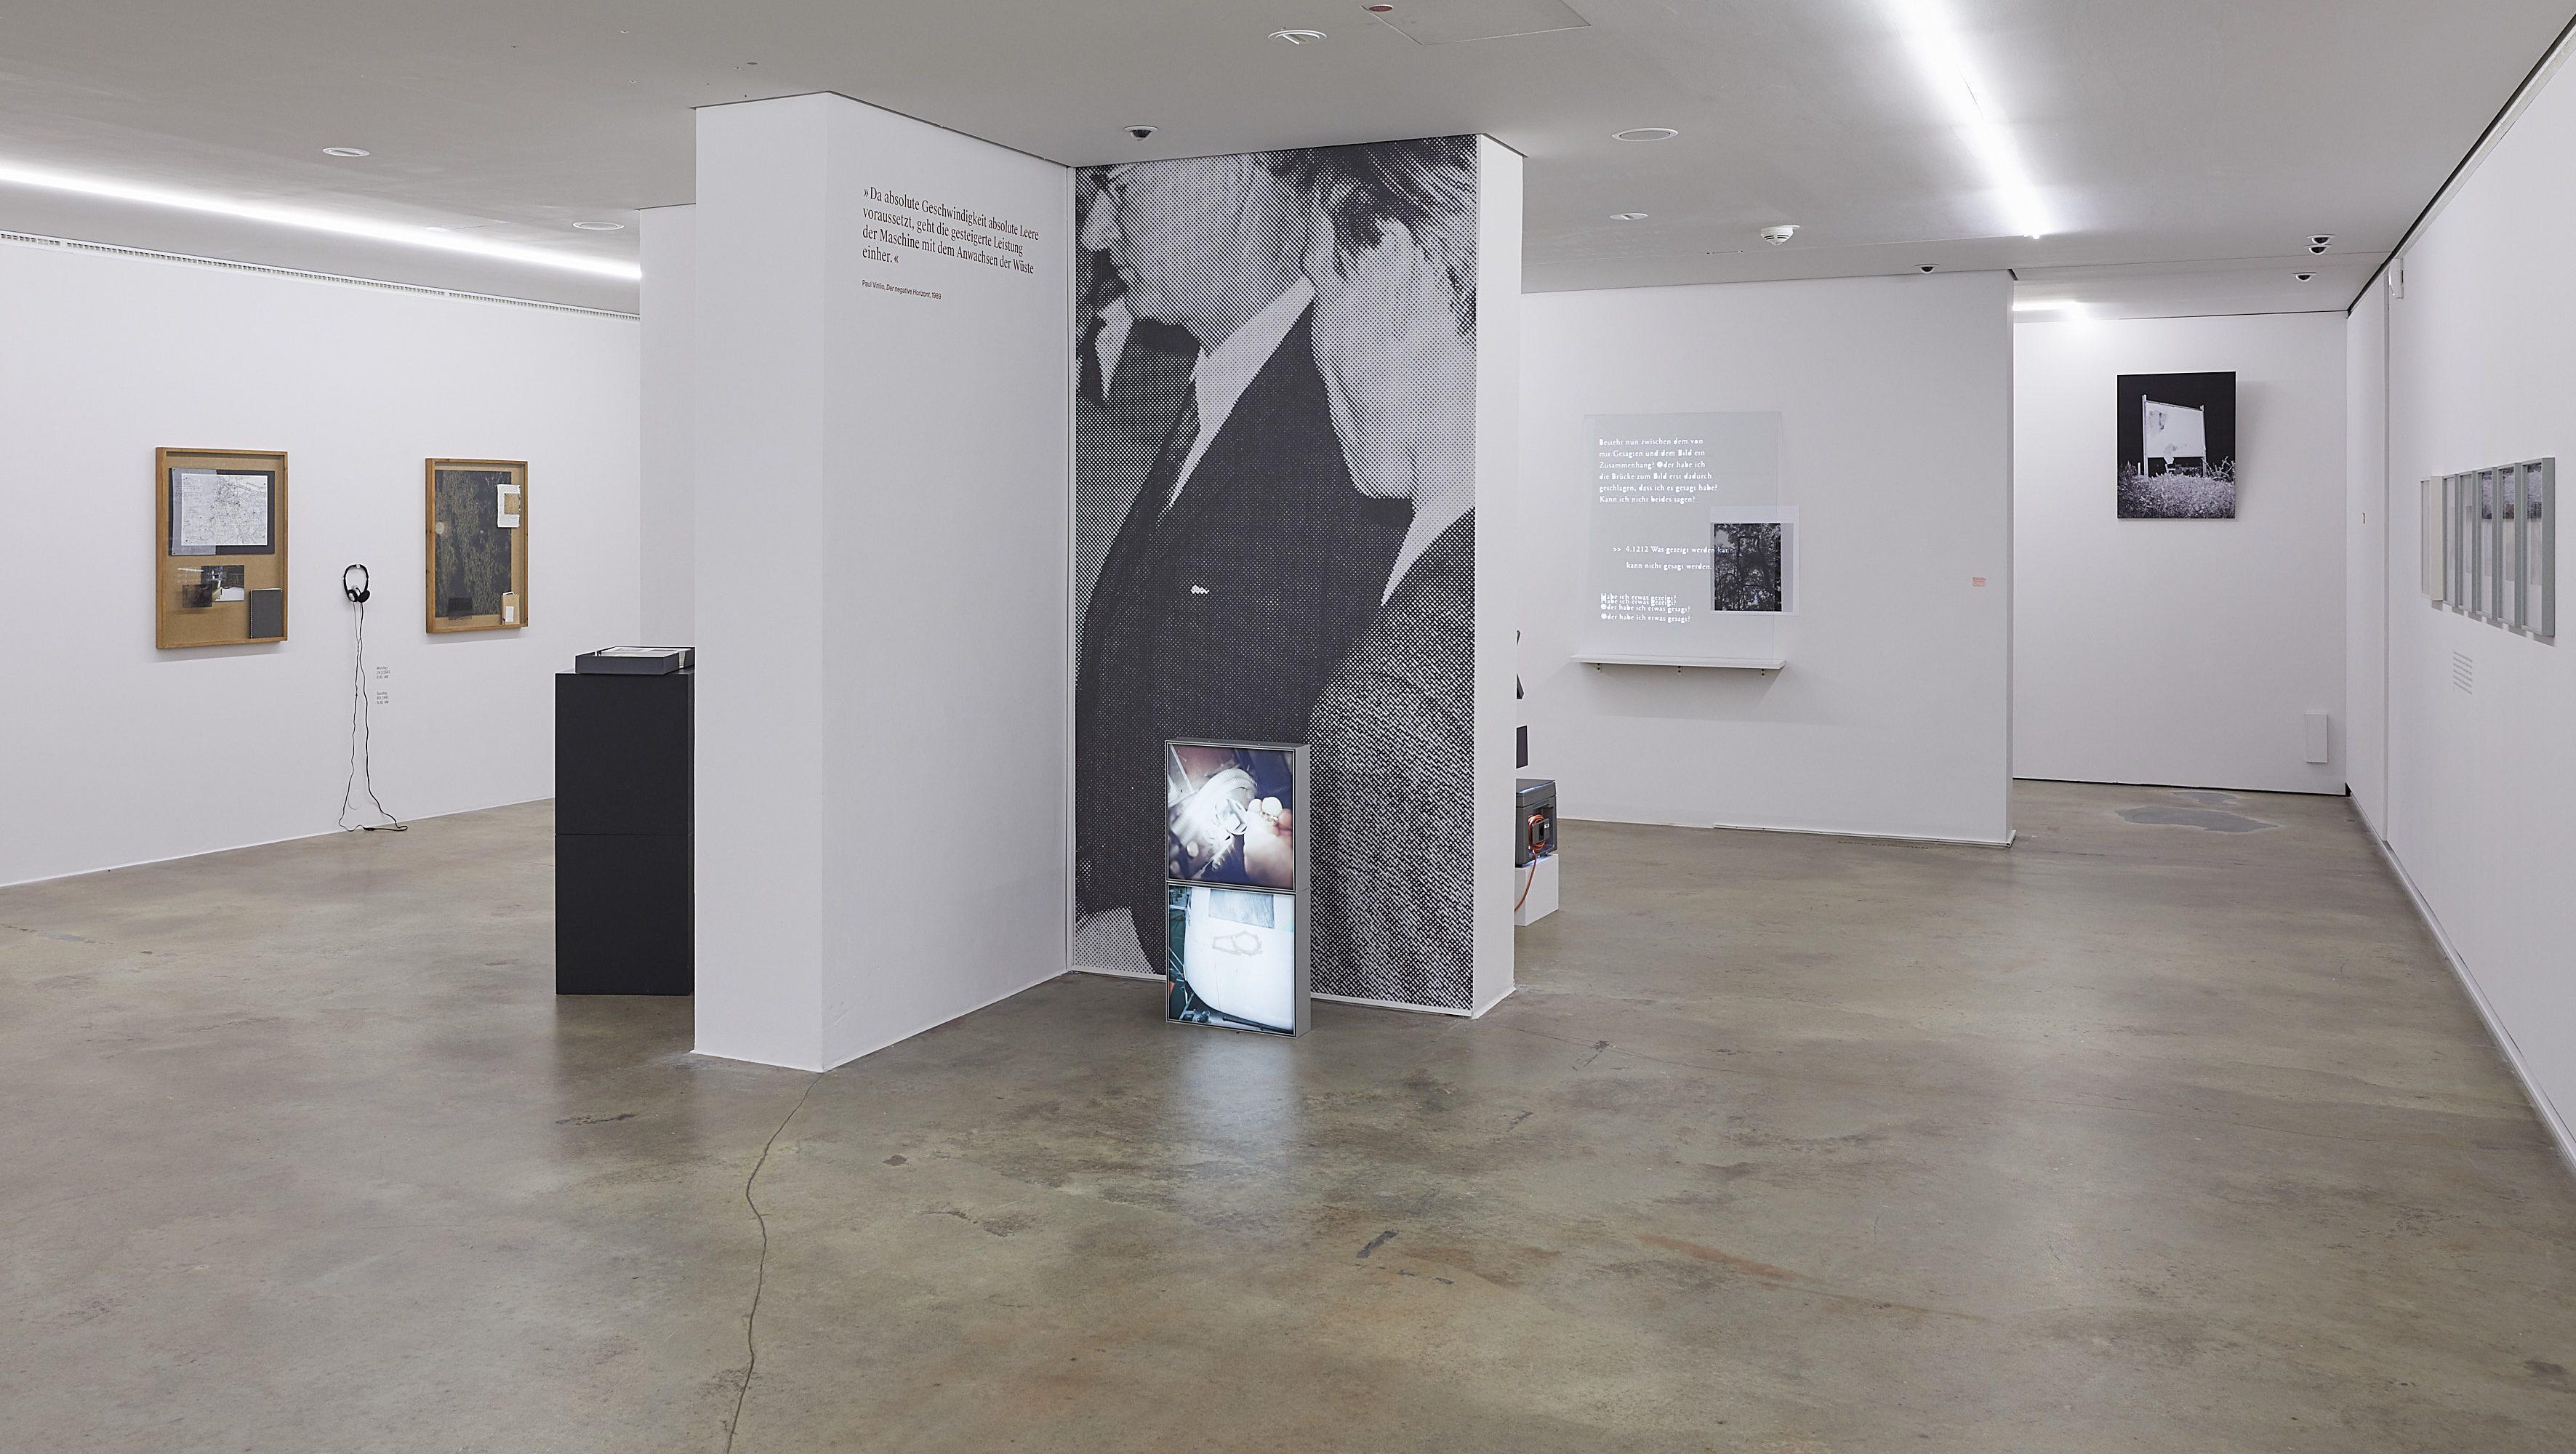 Raumansicht mit Arbeiten von Lucrezia Zanardi, Jan Ladwig und Marc Botschen